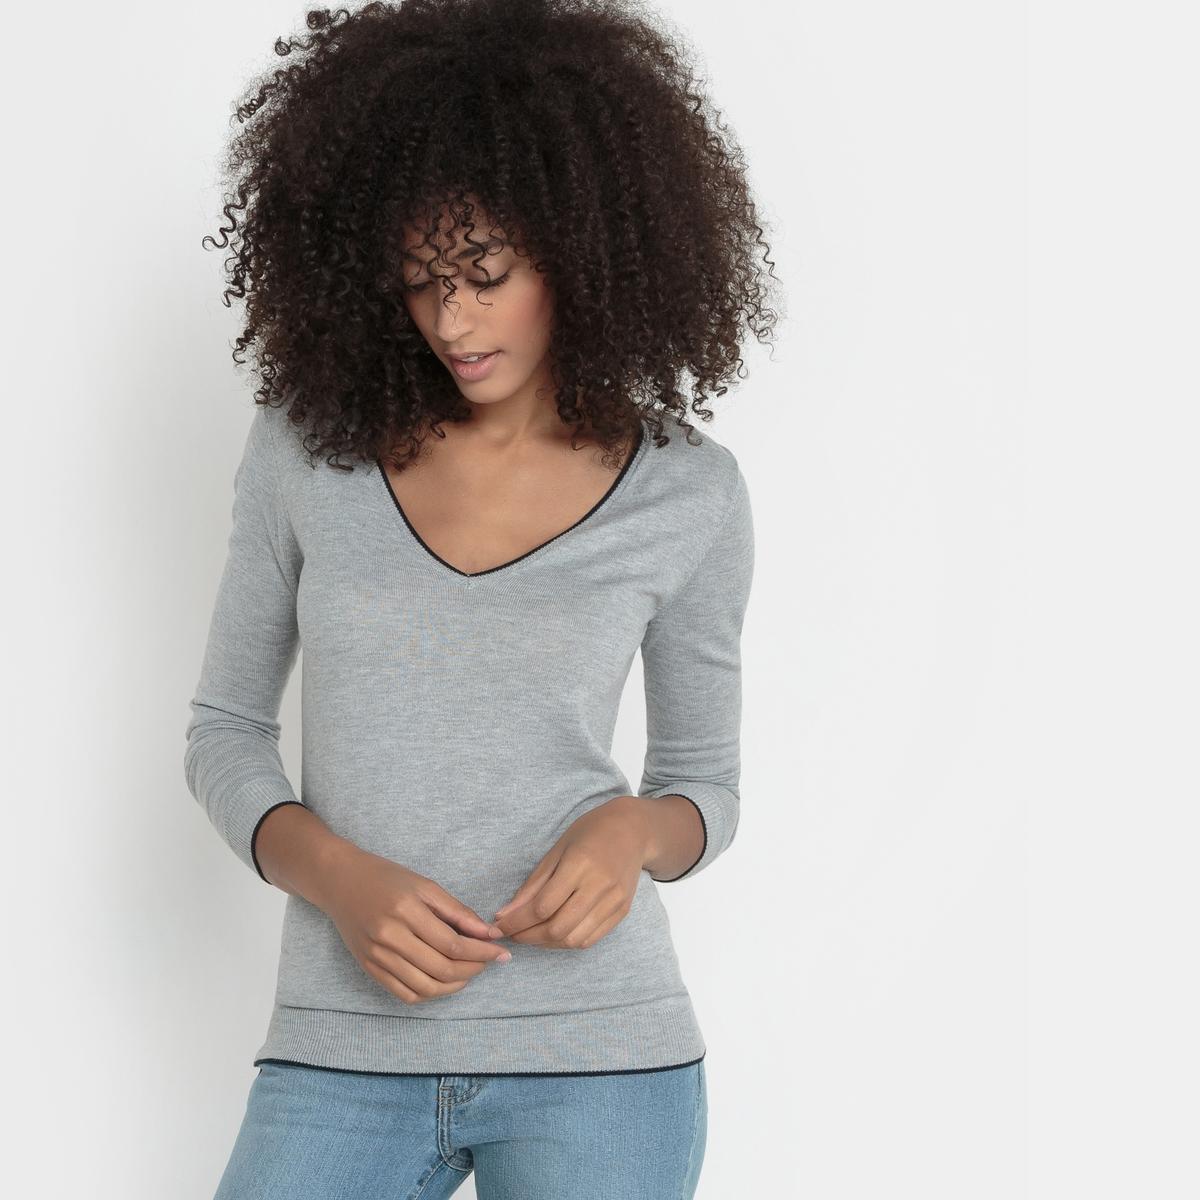 Пуловер с V-образным вырезом из смешанной ткани с шерстью